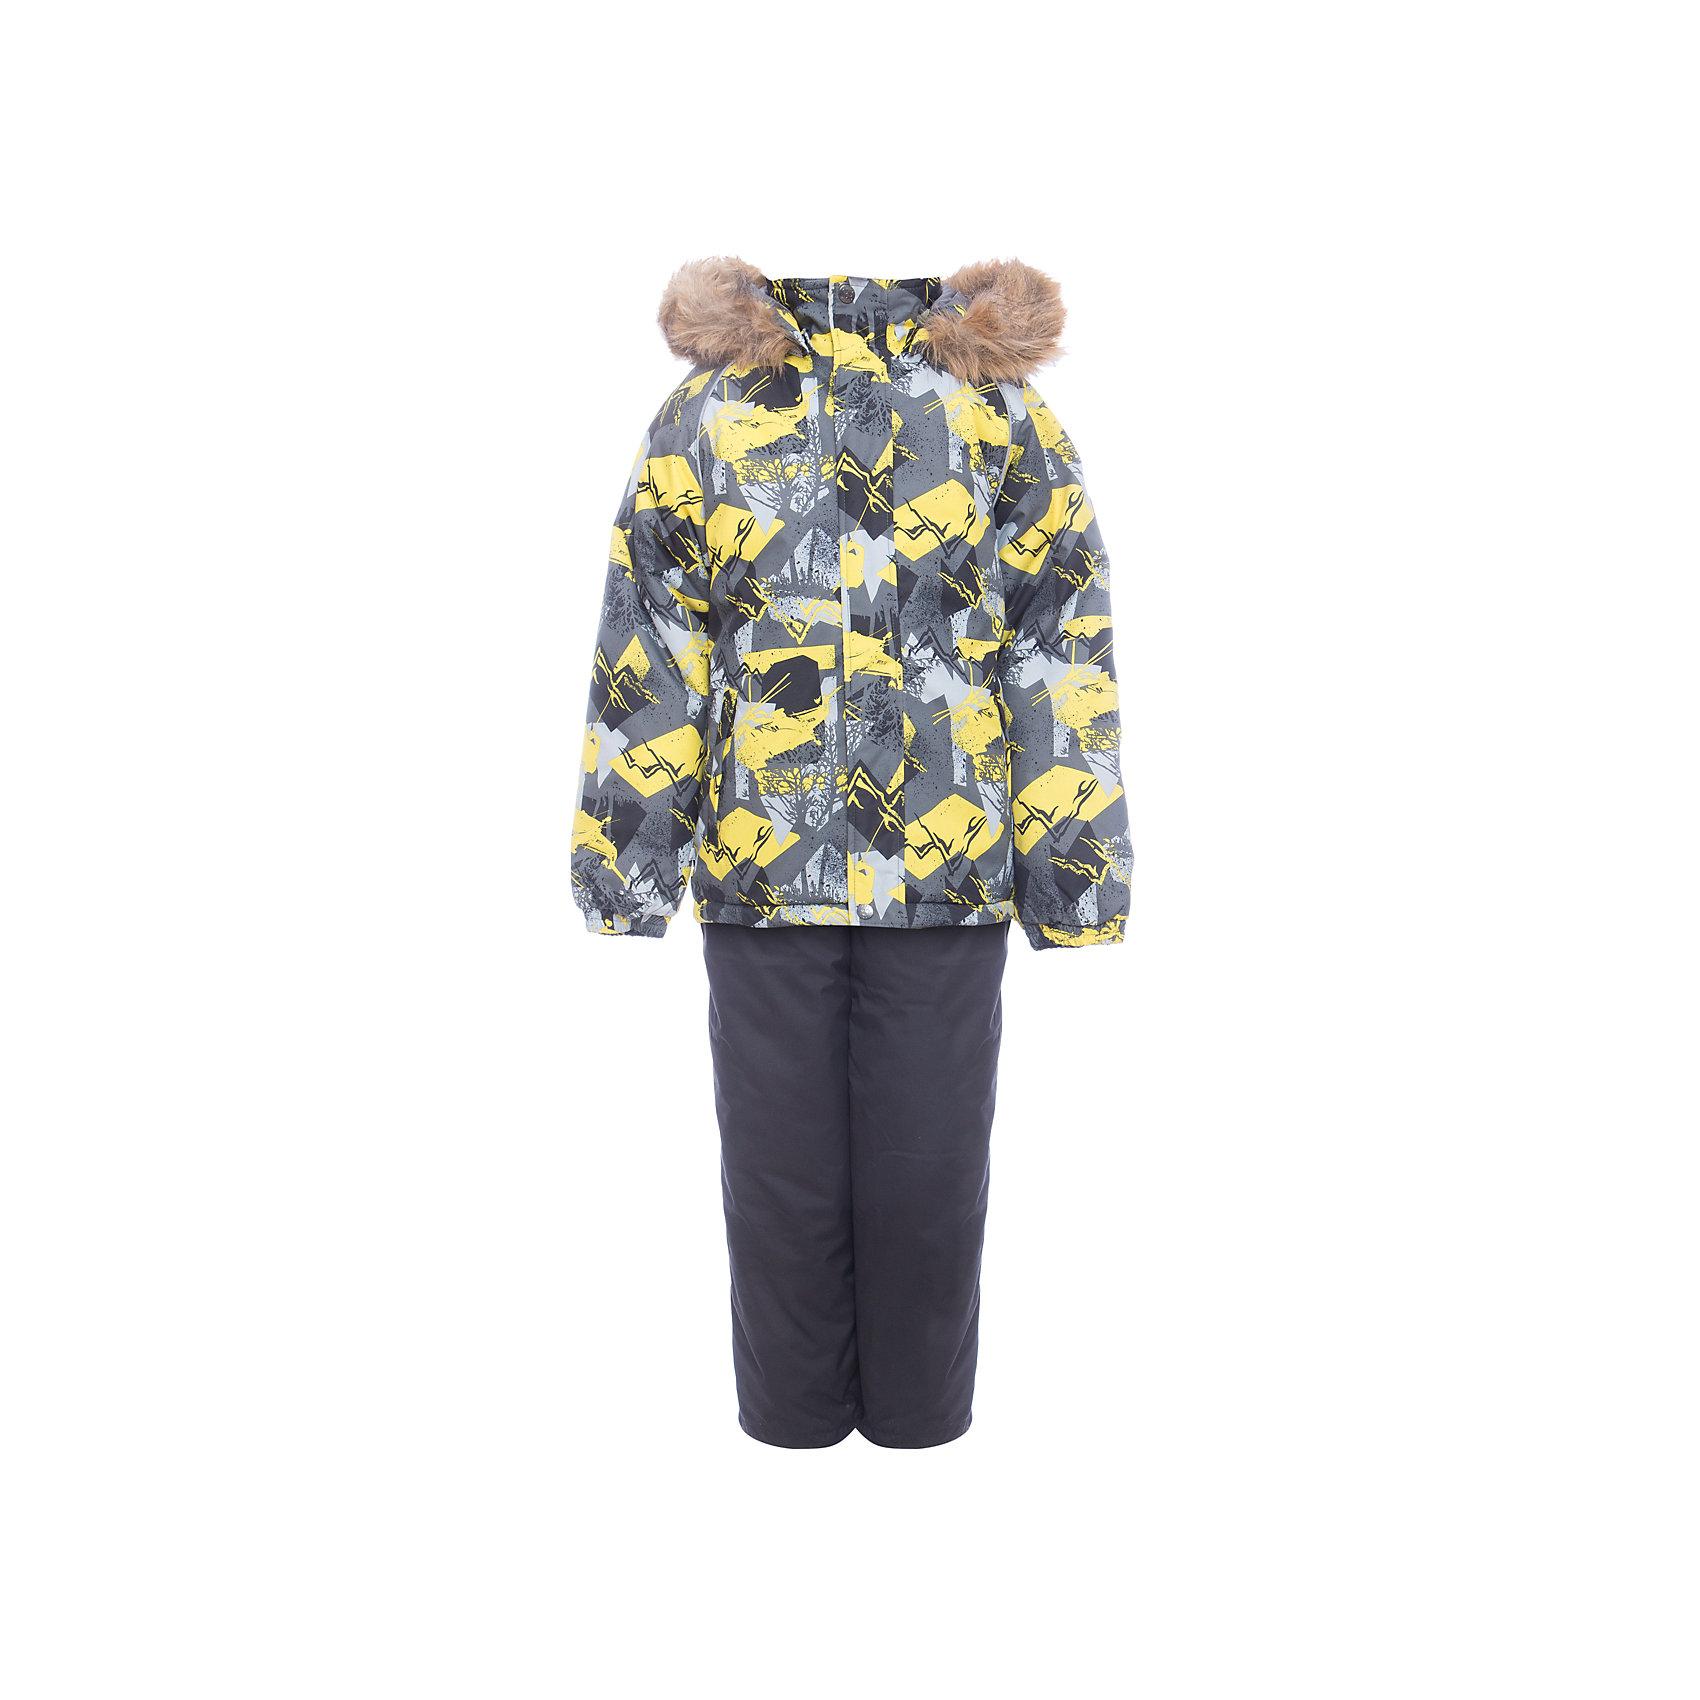 Комплект: куртка и брюки WINTER HuppaКомплекты<br>Детский комплект WINTER .Водо и воздухонепроницаемость 10 000.Утеплитель 300 гр куртка / 160 гр брюки. Подкладка Тафта, флис 100% полиэстер. Швы проклеены. Отстегивающийся капюшон . Манжет рукавов на резинке. Внутренняя снегозащита брюк. Регулируемые низы. Резиновые подтяжки. Имеются светоотражательные детали. <br>Состав:<br>100% Полиэстер<br><br>Ширина мм: 356<br>Глубина мм: 10<br>Высота мм: 245<br>Вес г: 519<br>Цвет: серый<br>Возраст от месяцев: 96<br>Возраст до месяцев: 108<br>Пол: Унисекс<br>Возраст: Детский<br>Размер: 134,92,98,104,110,140,116,122,128<br>SKU: 7027158